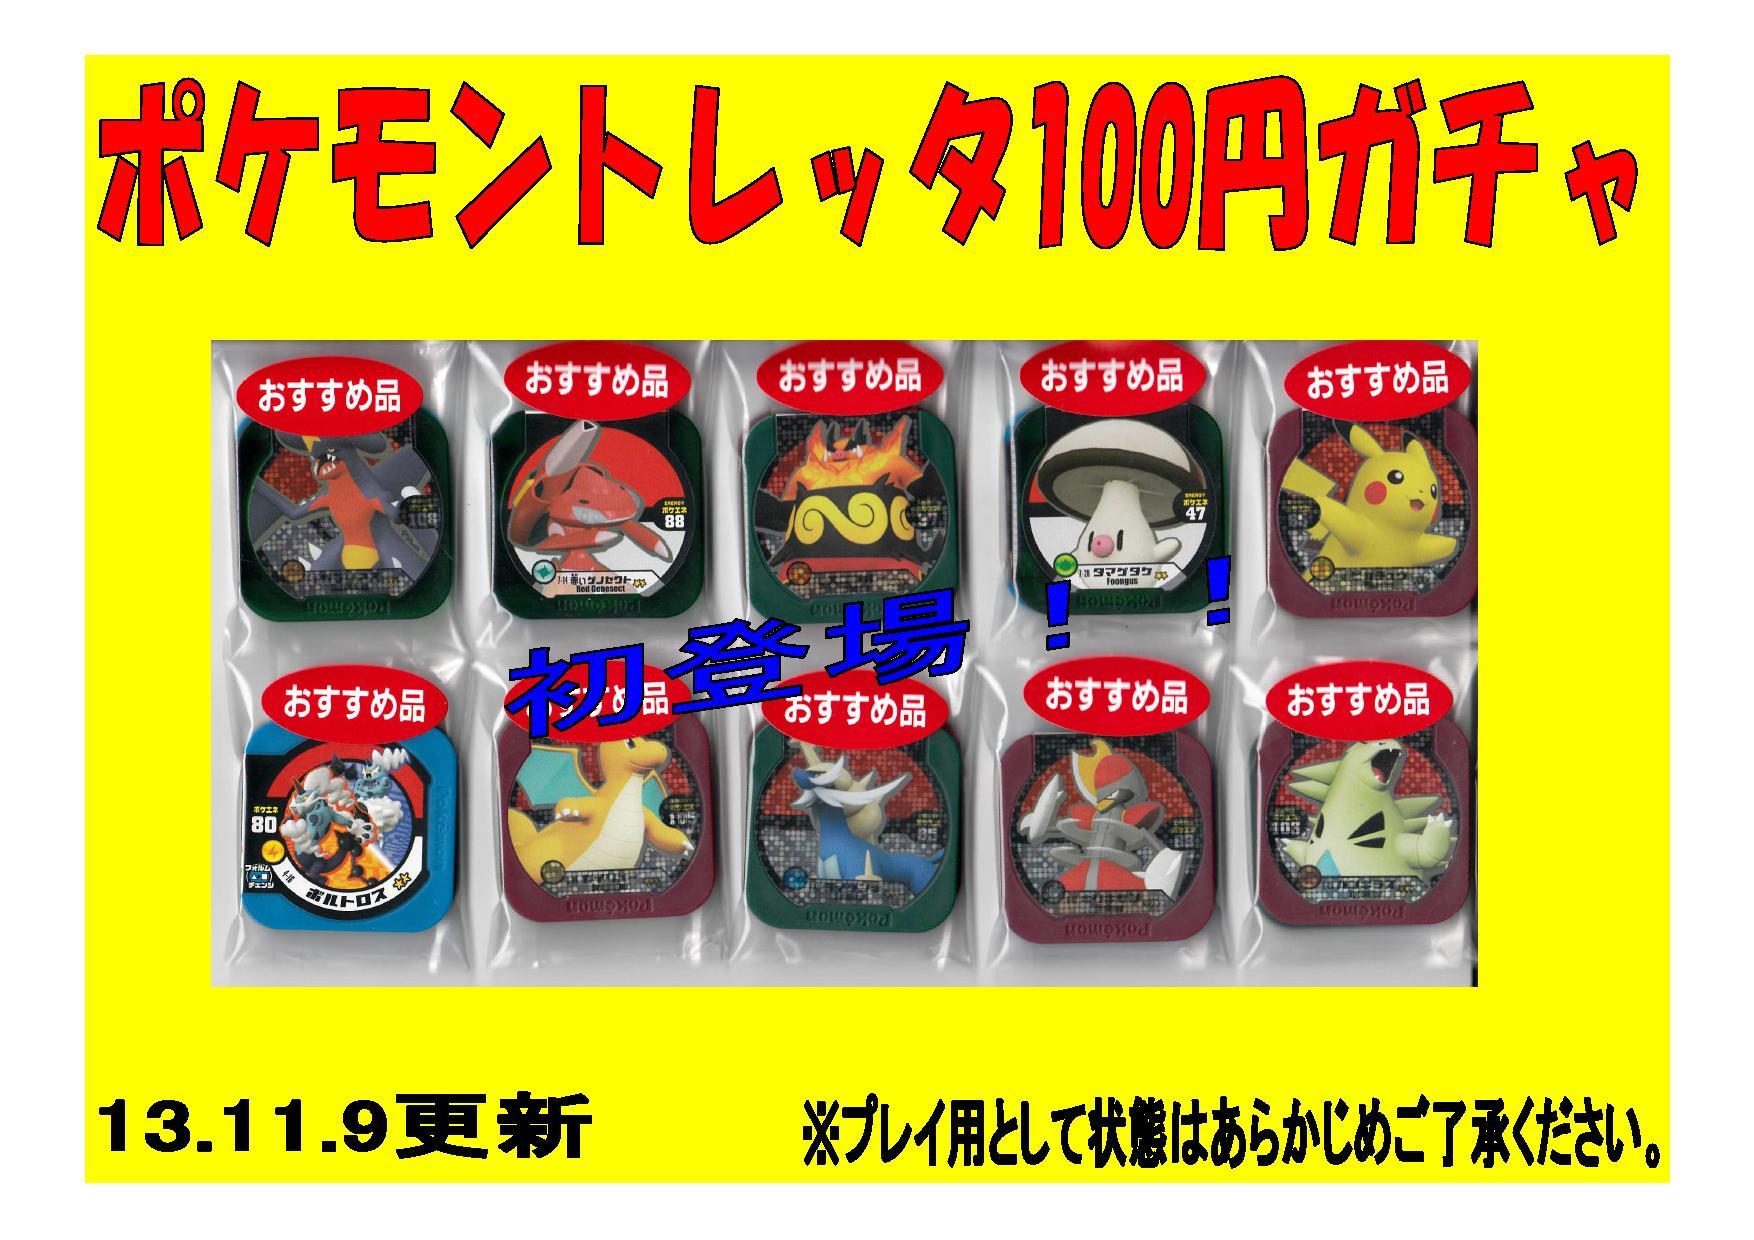 【高石店】ポケモントレッタガチャ登場!_d0259027_16532946.jpg